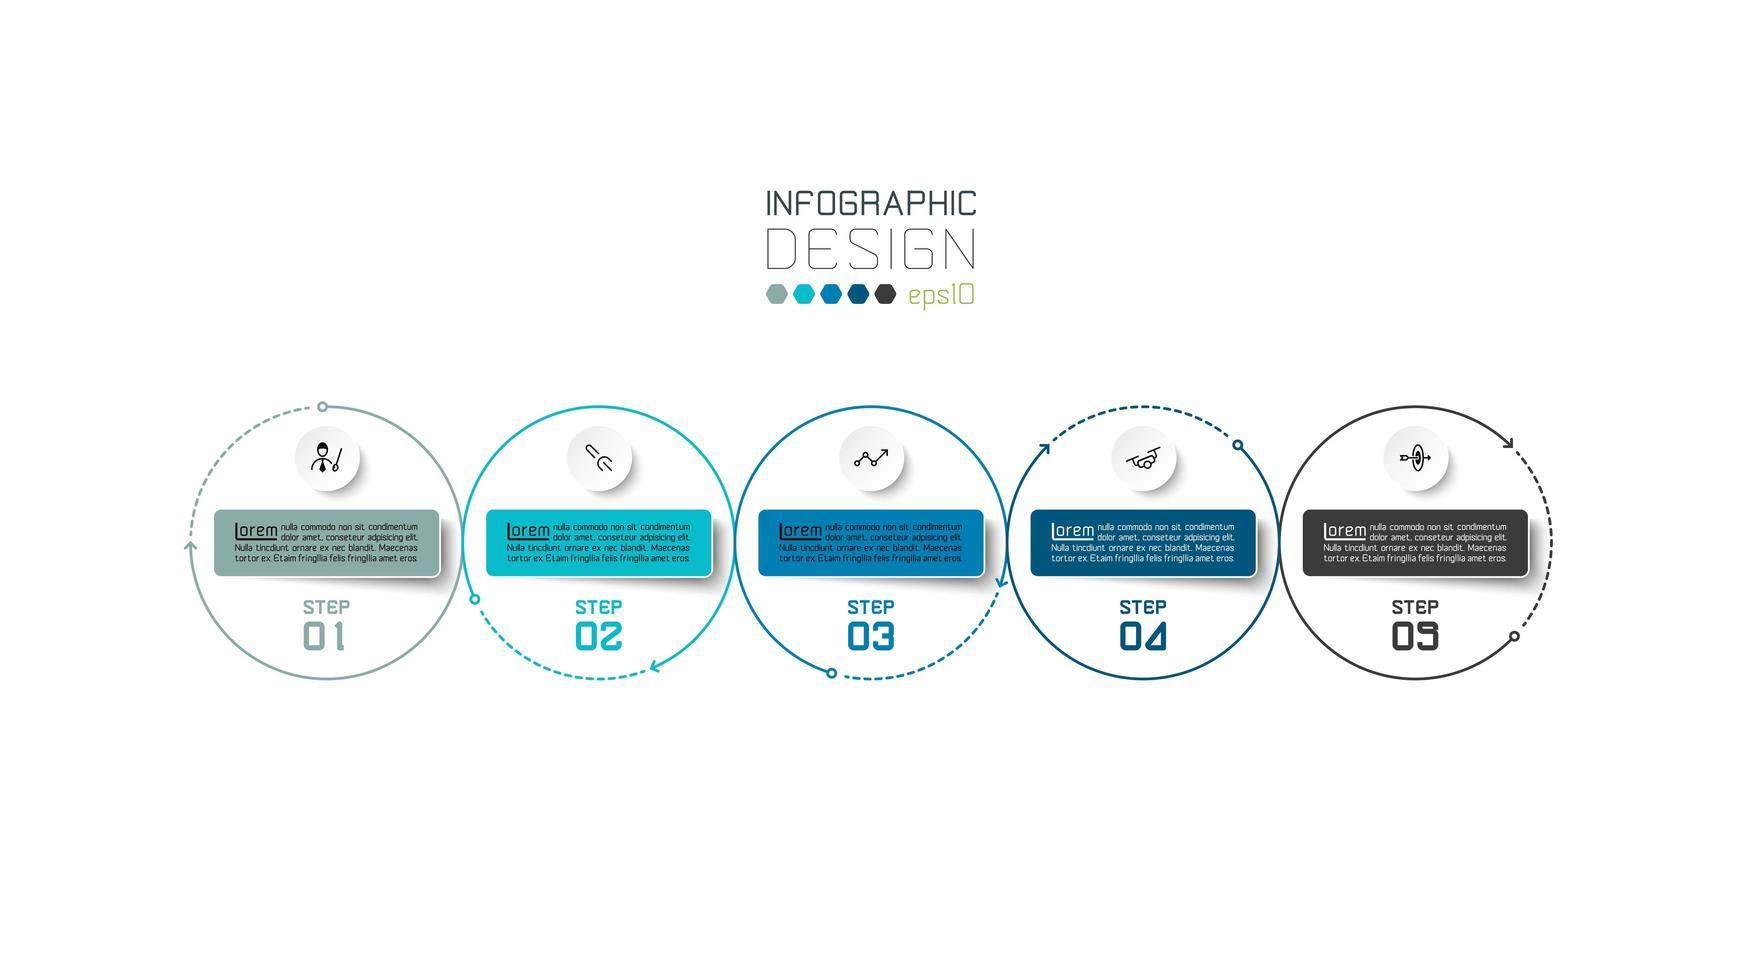 cerchio moderno contorno 5 passi affari infografica design vettore